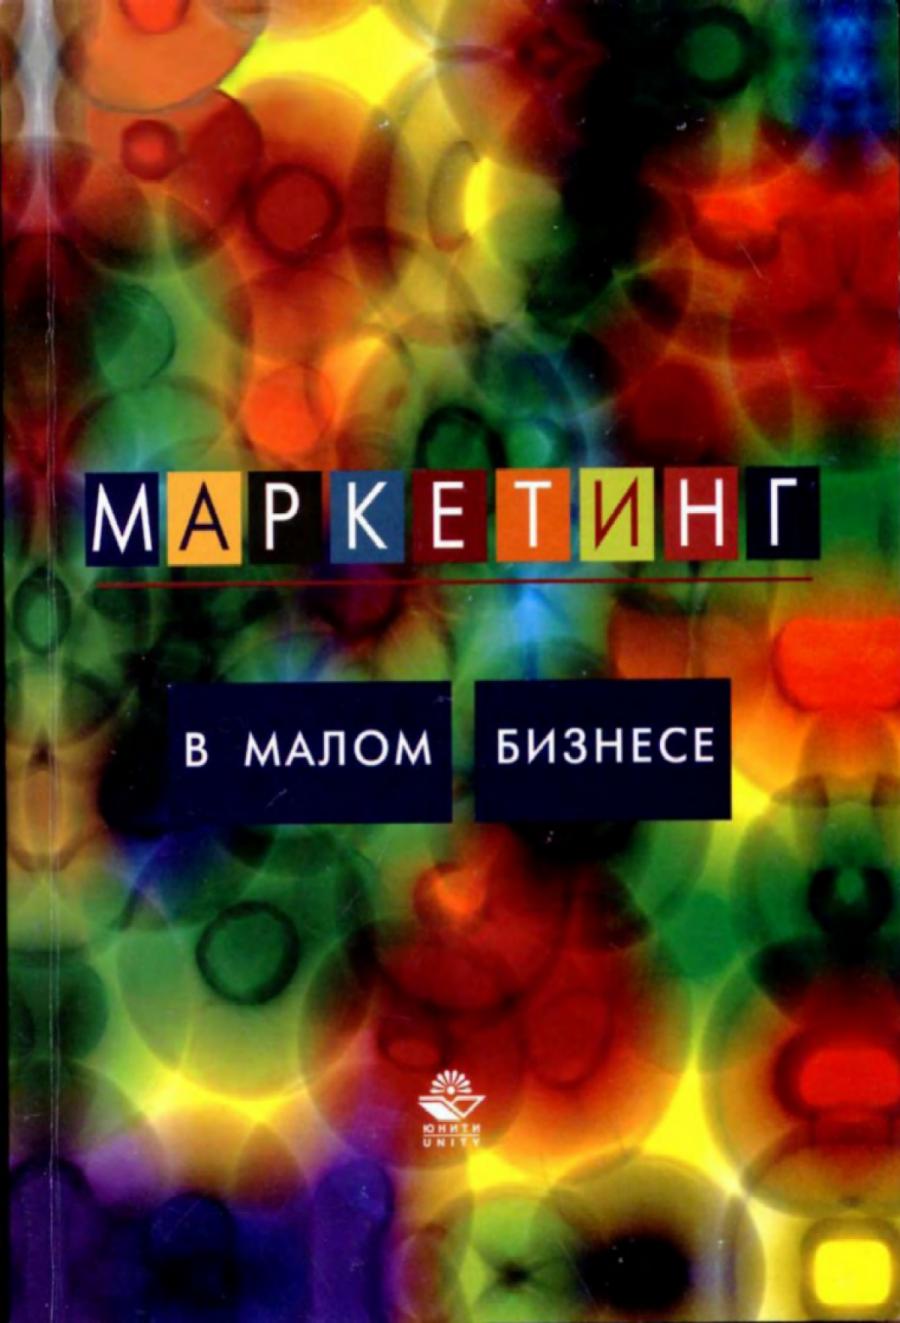 Обложка книги:  и.м. синяева, с.в. земляк, в.в. синяев - маркетинг в малом бизнесе